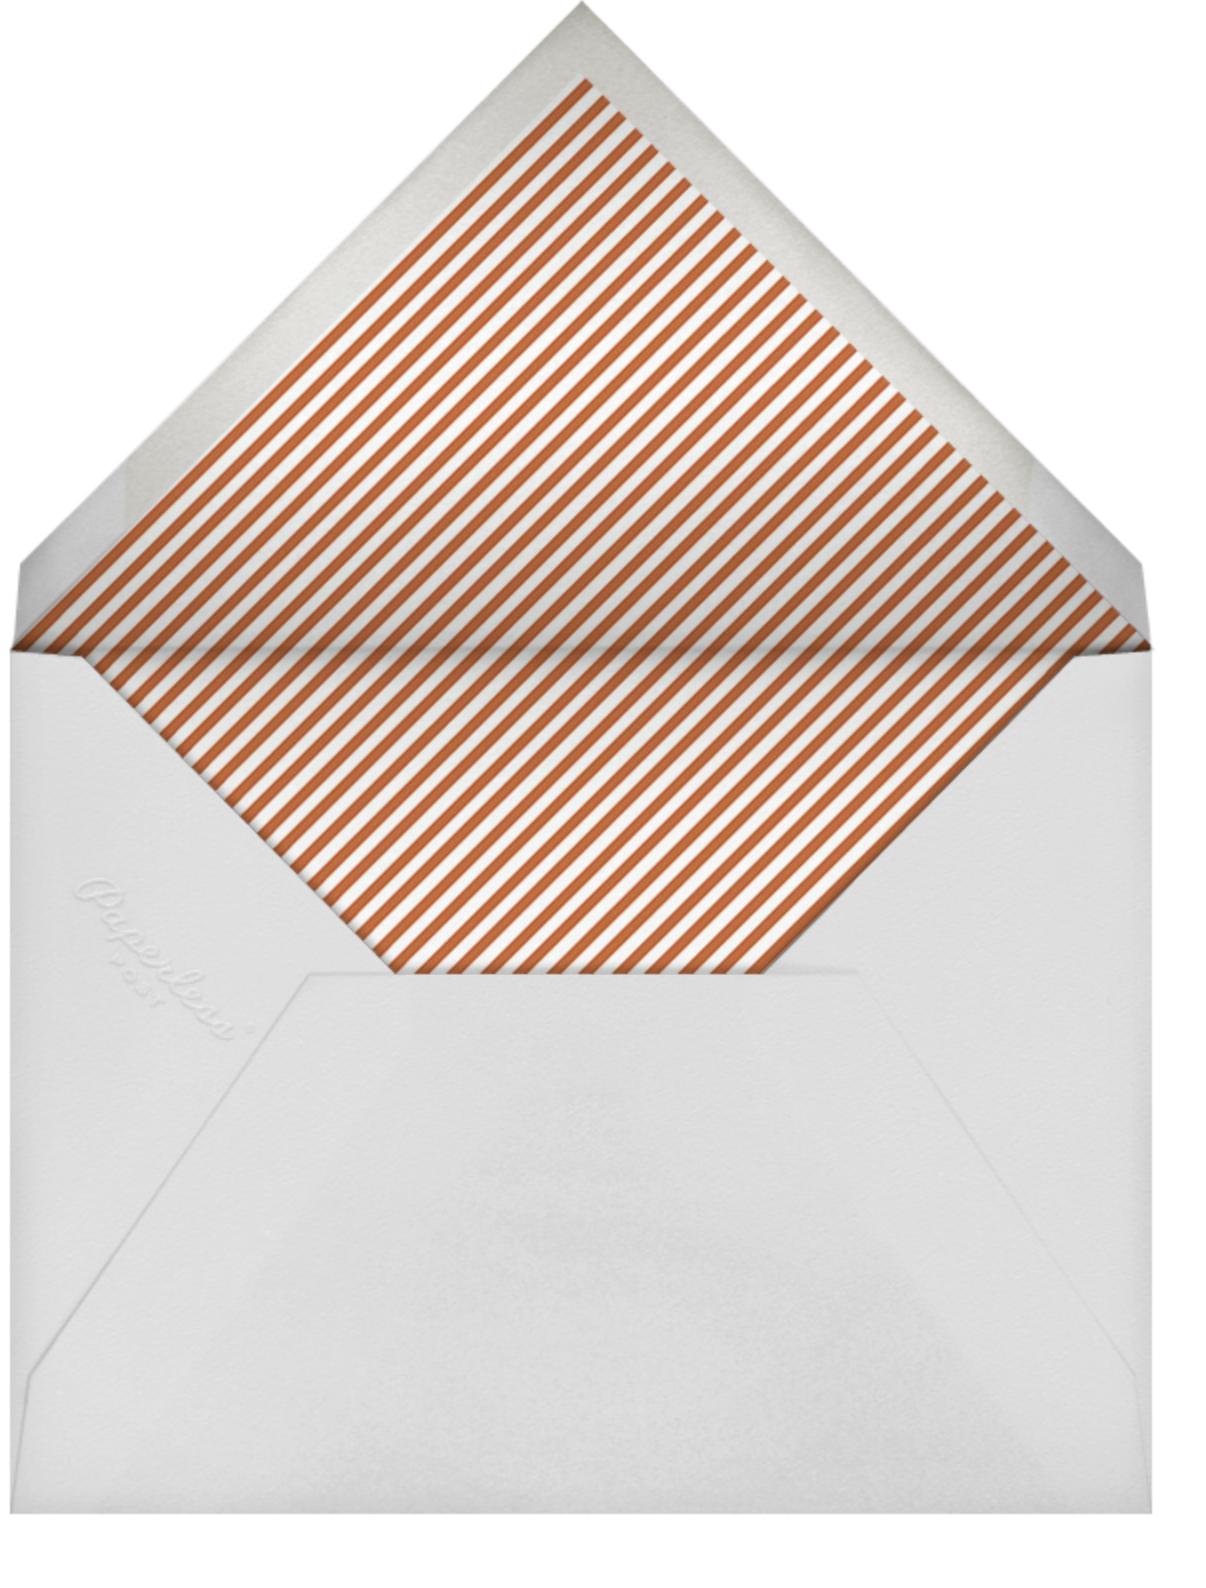 Stripe Border - Burnt Caramel - Paperless Post - Adult birthday - envelope back